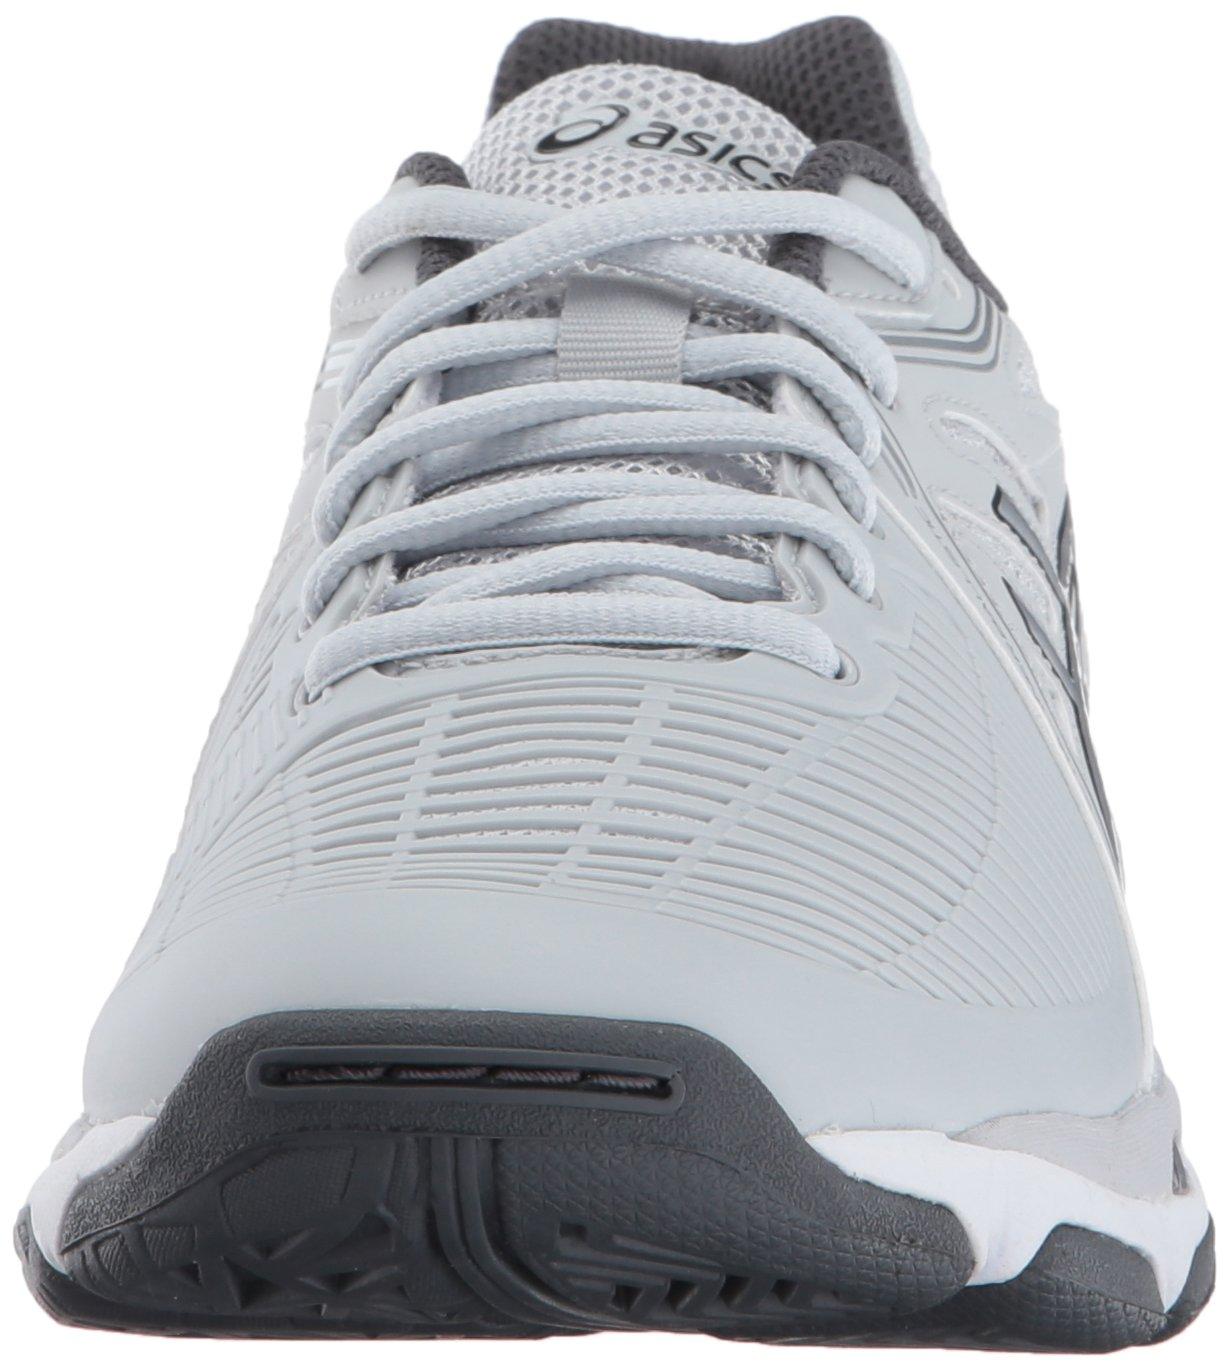 2717b8826fc ... ASICS Women s Gel-Netburner Ballistic Grey Silver Dark Volleyball-Shoes  B01N3MAH7N 7 ...